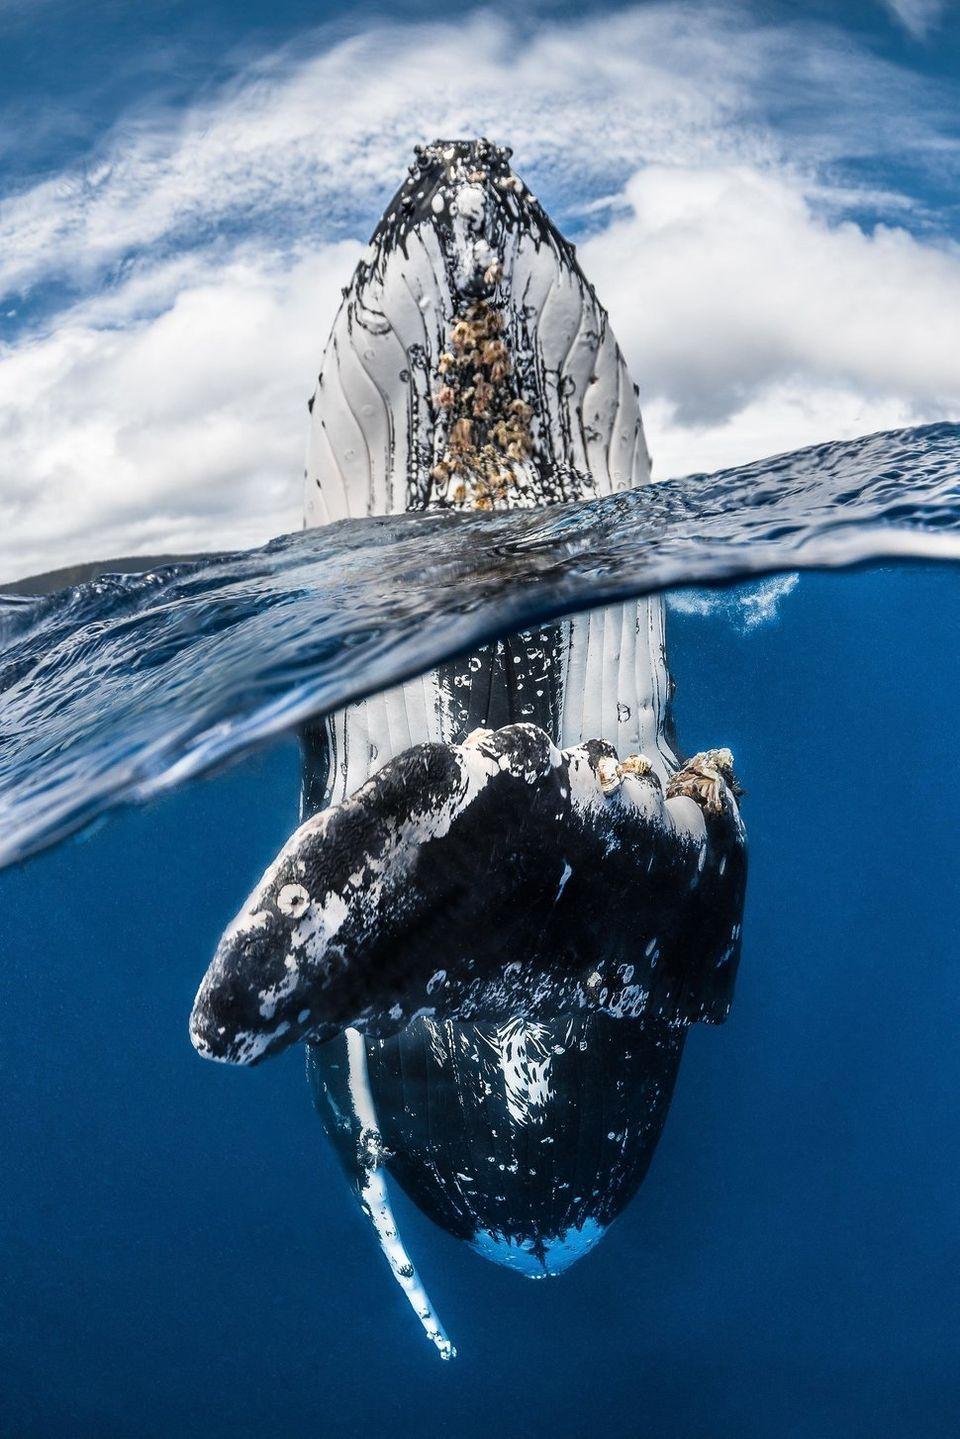 Νικητής: «Humpback whale spy